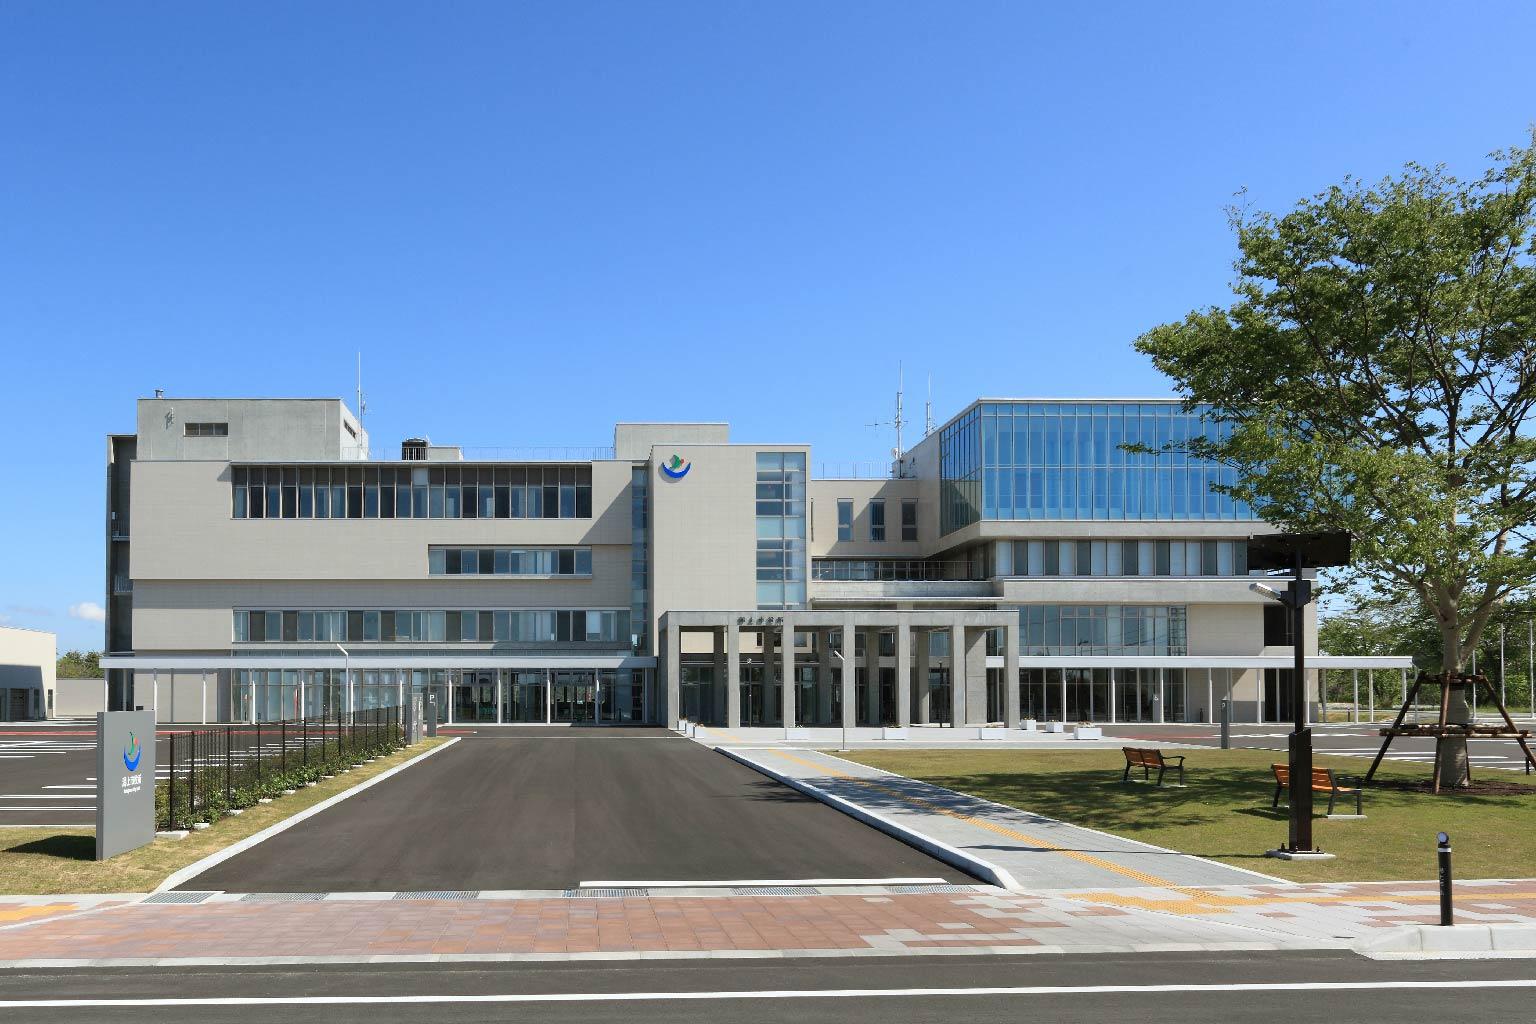 潟上市庁舎